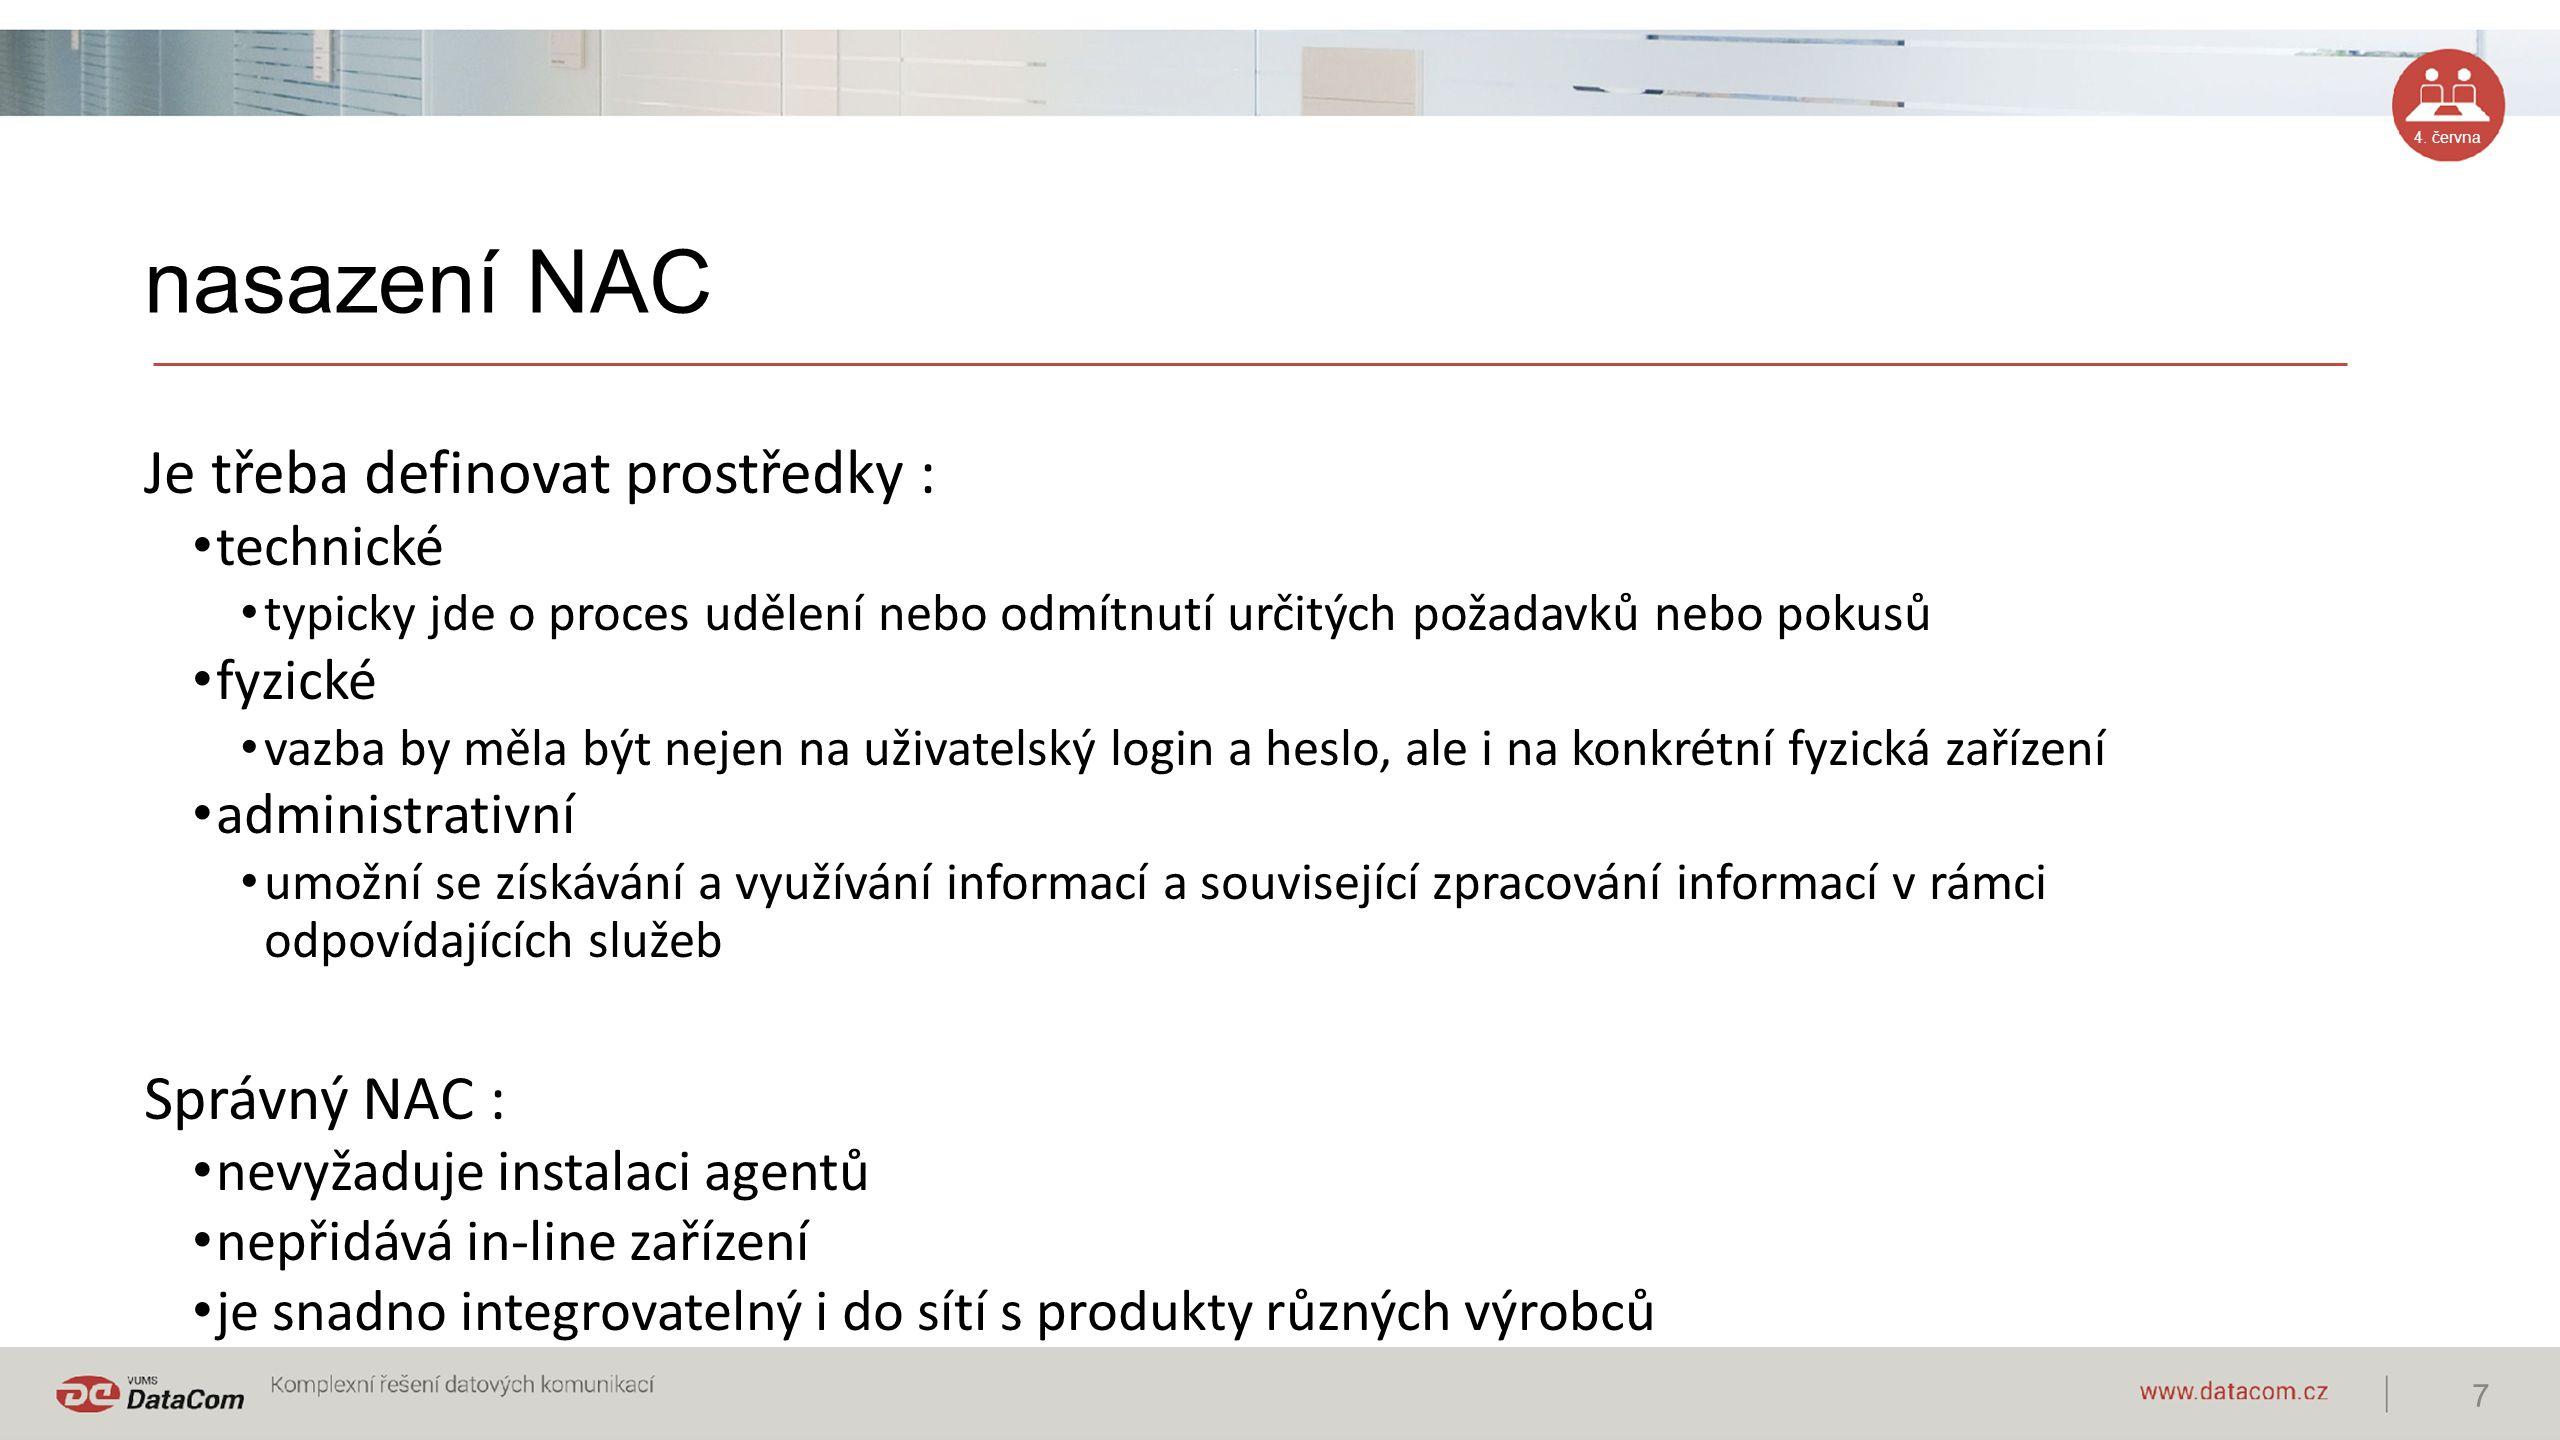 4. června nasazení NAC Je třeba definovat prostředky : technické typicky jde o proces udělení nebo odmítnutí určitých požadavků nebo pokusů fyzické va